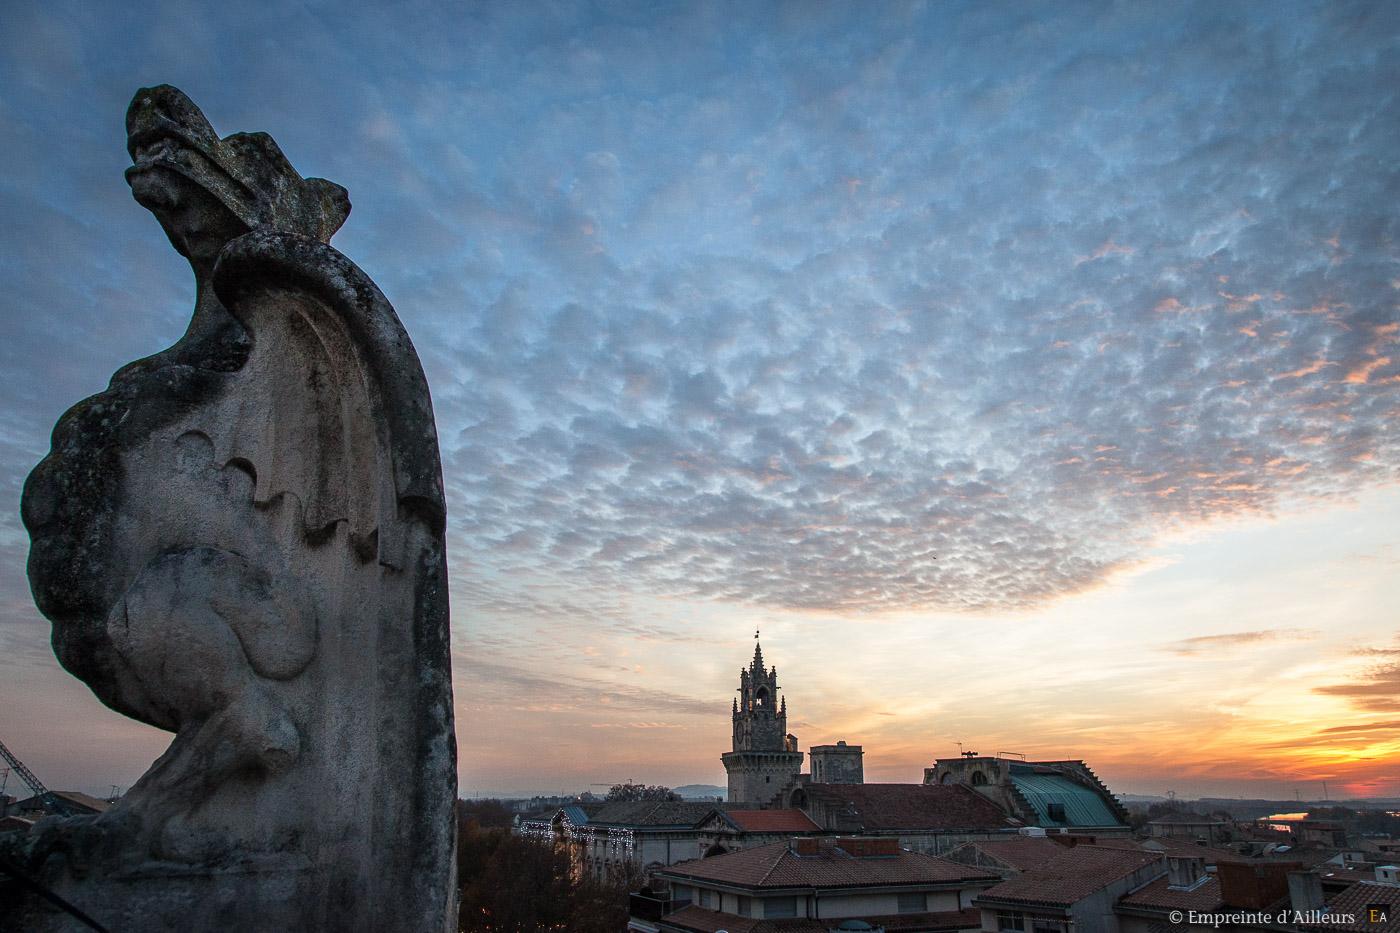 Vue des toits d'Avignon